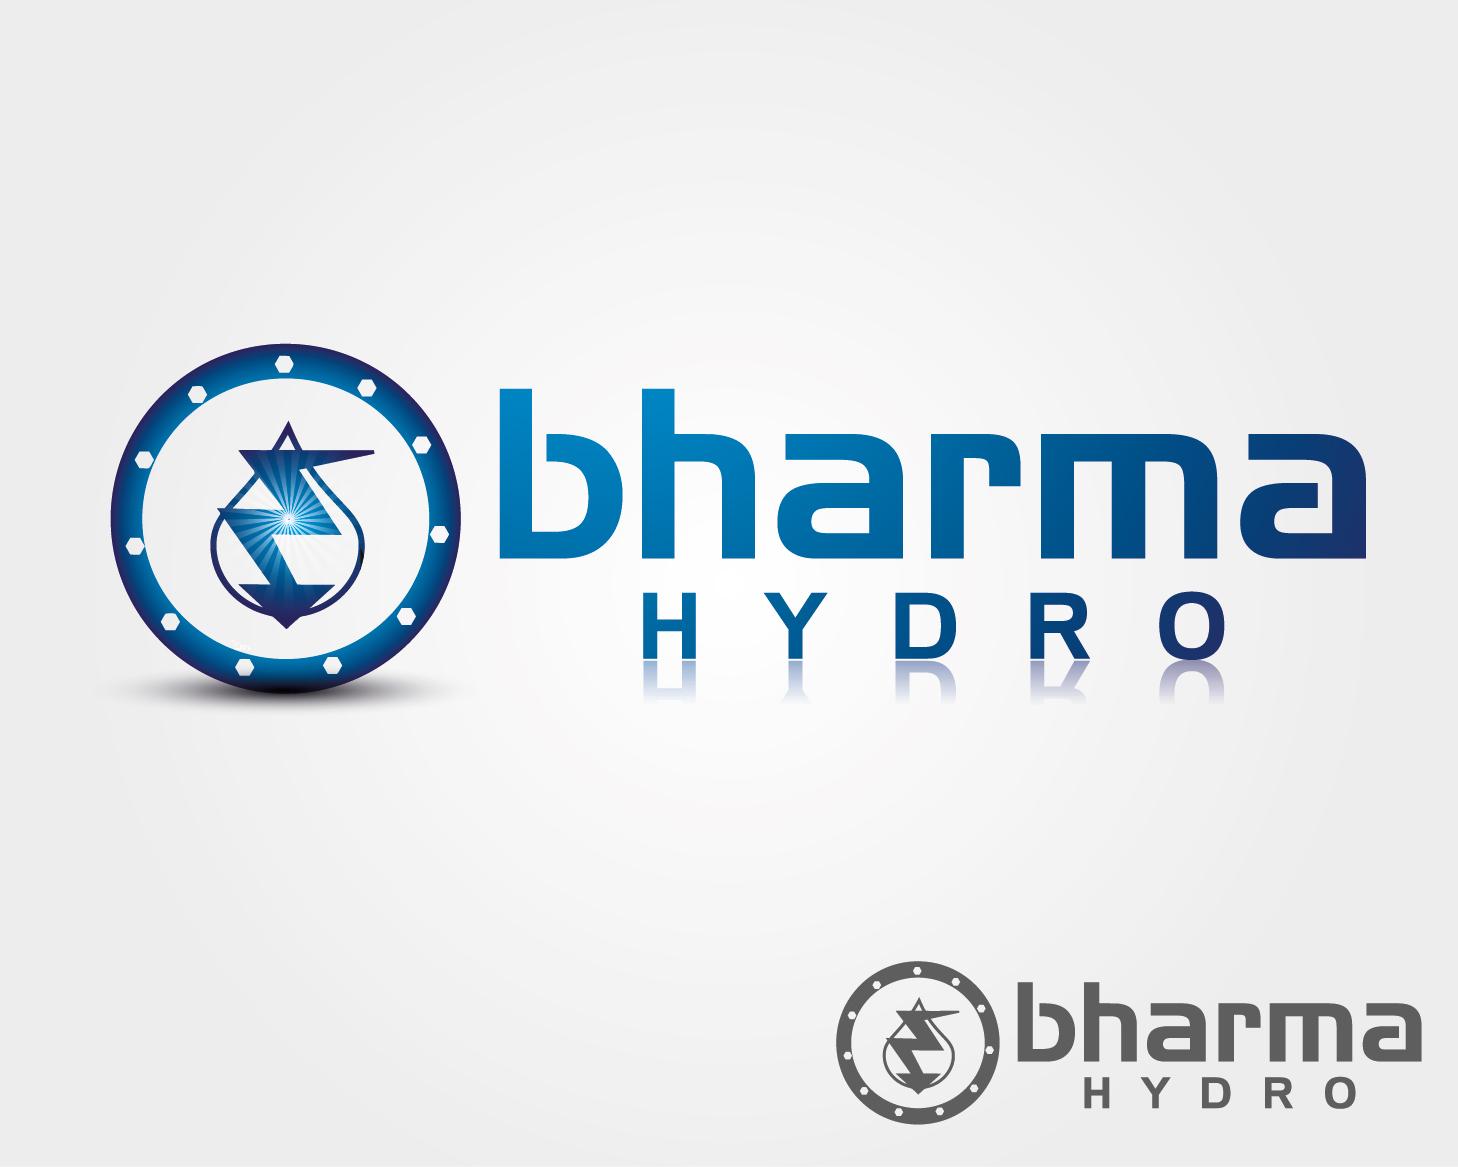 Logo Design by VENTSISLAV KOVACHEV - Entry No. 31 in the Logo Design Contest Creative Logo Design for Bharma Hydro.